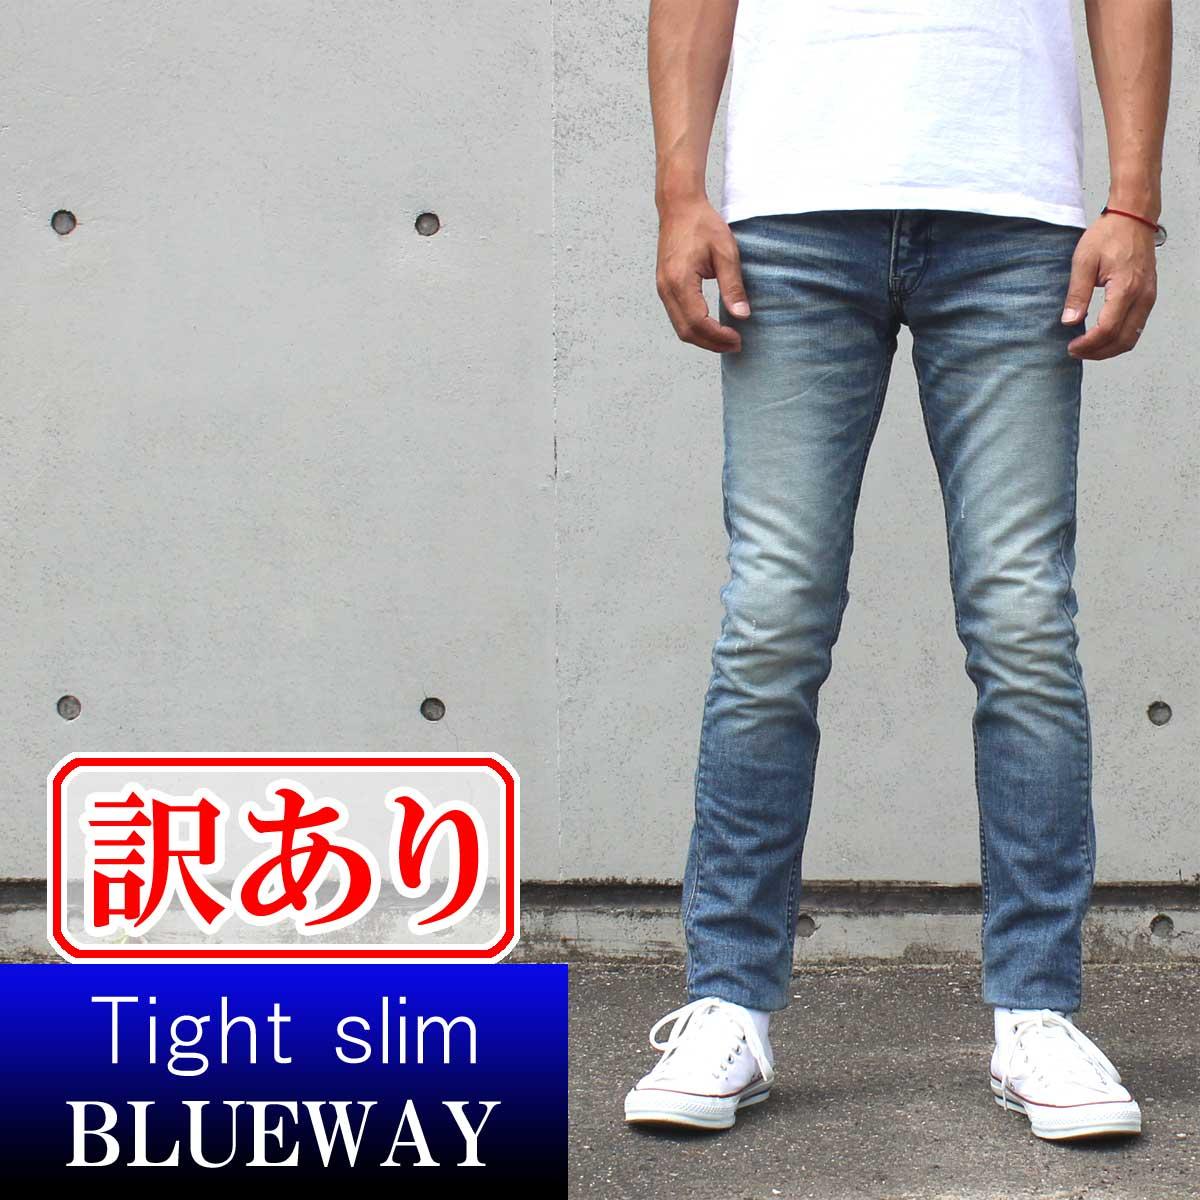 BLUEWAY:ソリッドストレッチデニム・タイトスリムジーンズ(ハードビンテージ):M1880-5504 ブルーウェイ ジーンズ メンズ デニム ジーパン B62